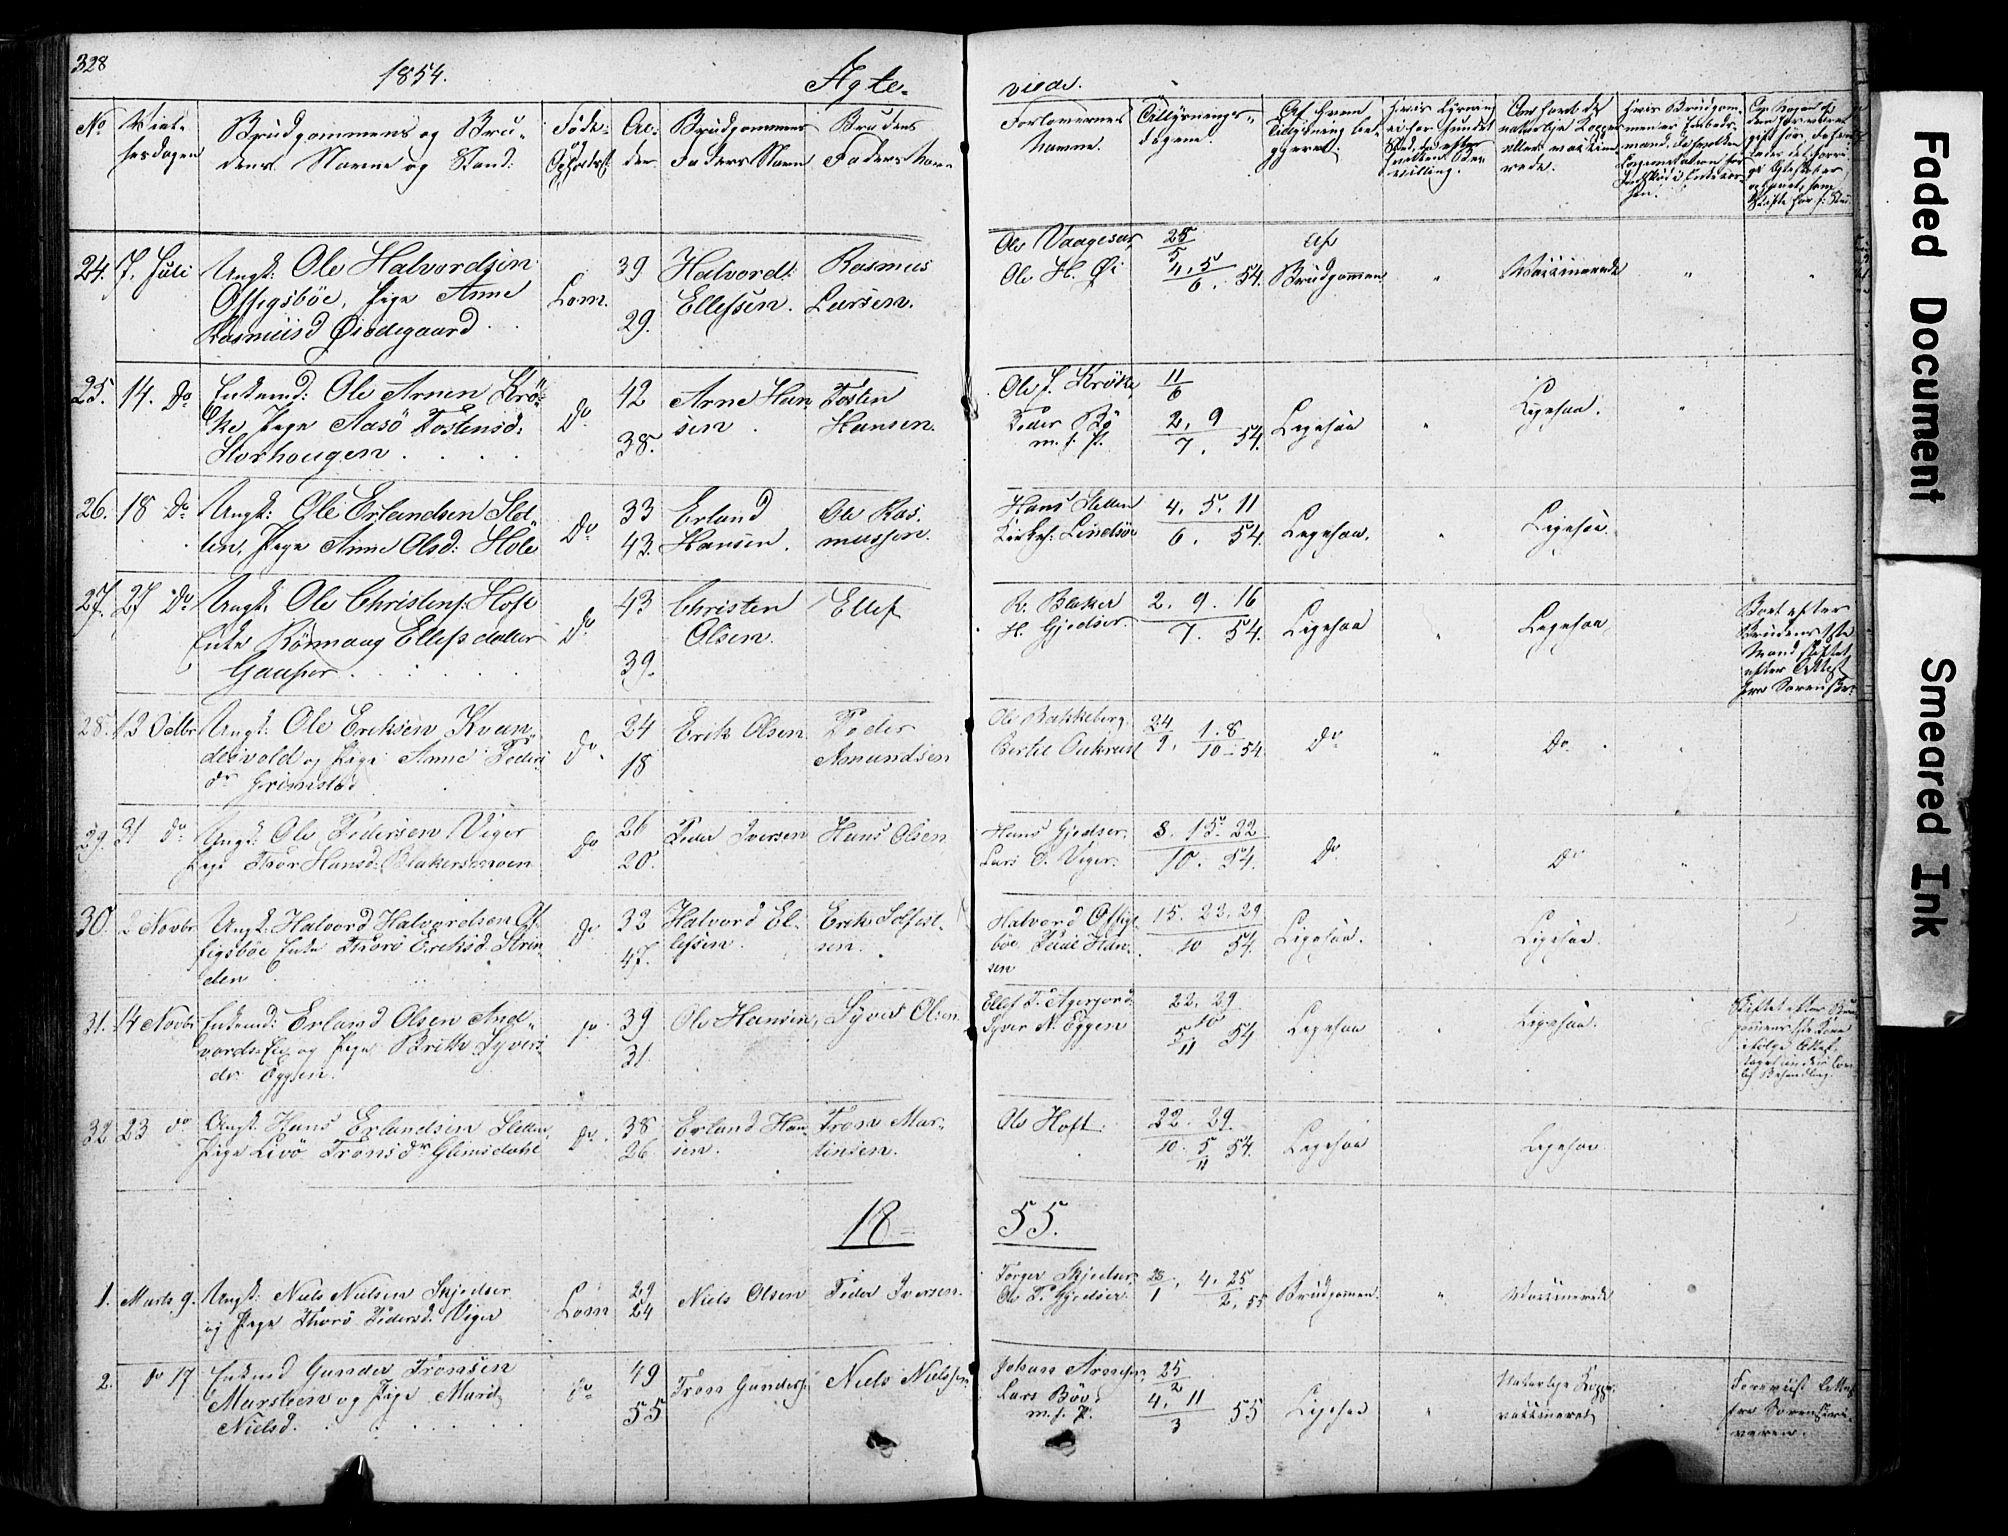 SAH, Lom prestekontor, L/L0012: Klokkerbok nr. 12, 1845-1873, s. 328-329